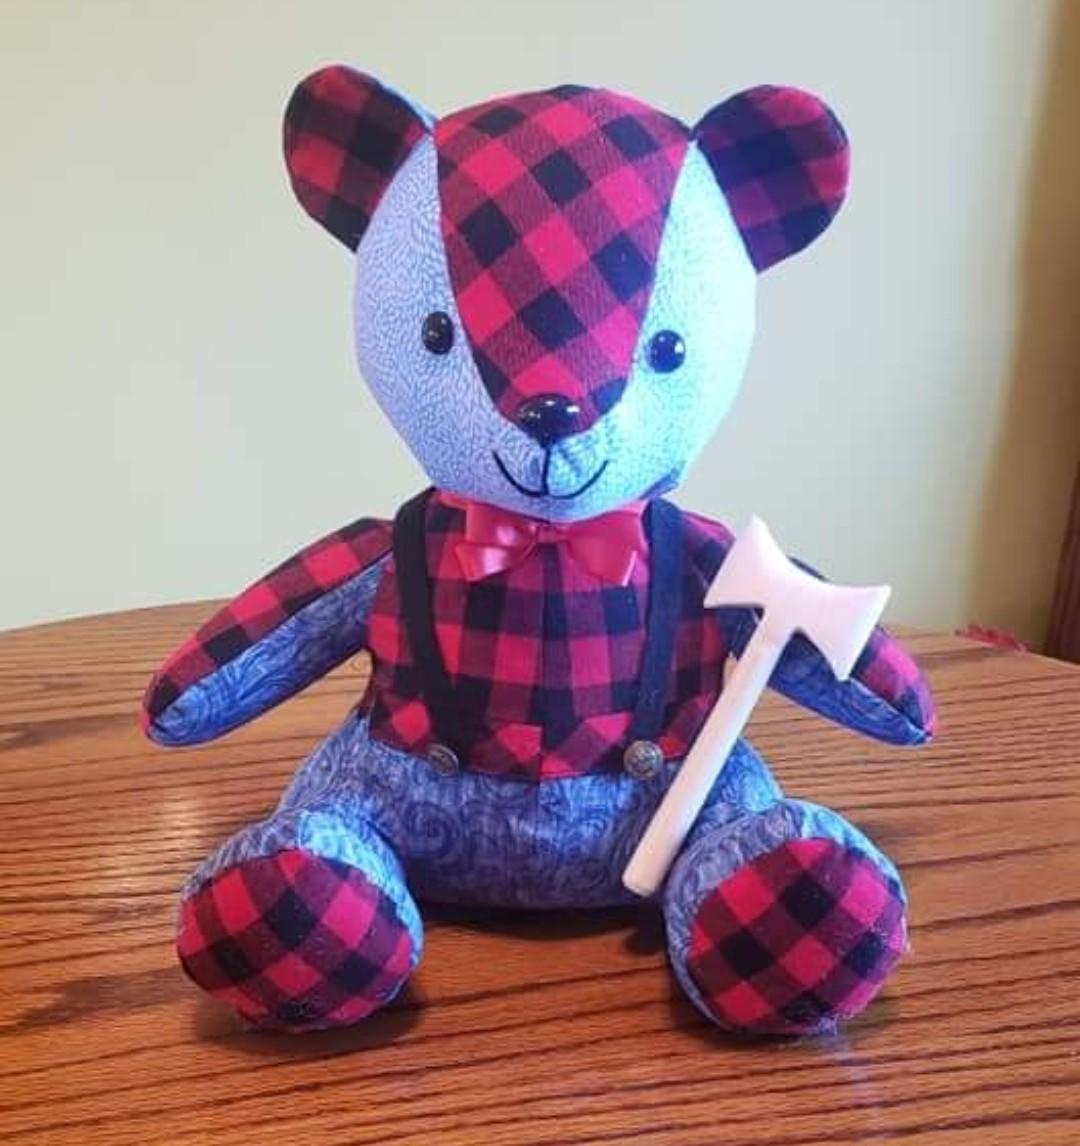 Melody Bear pattern sewn by nancymciccosanti